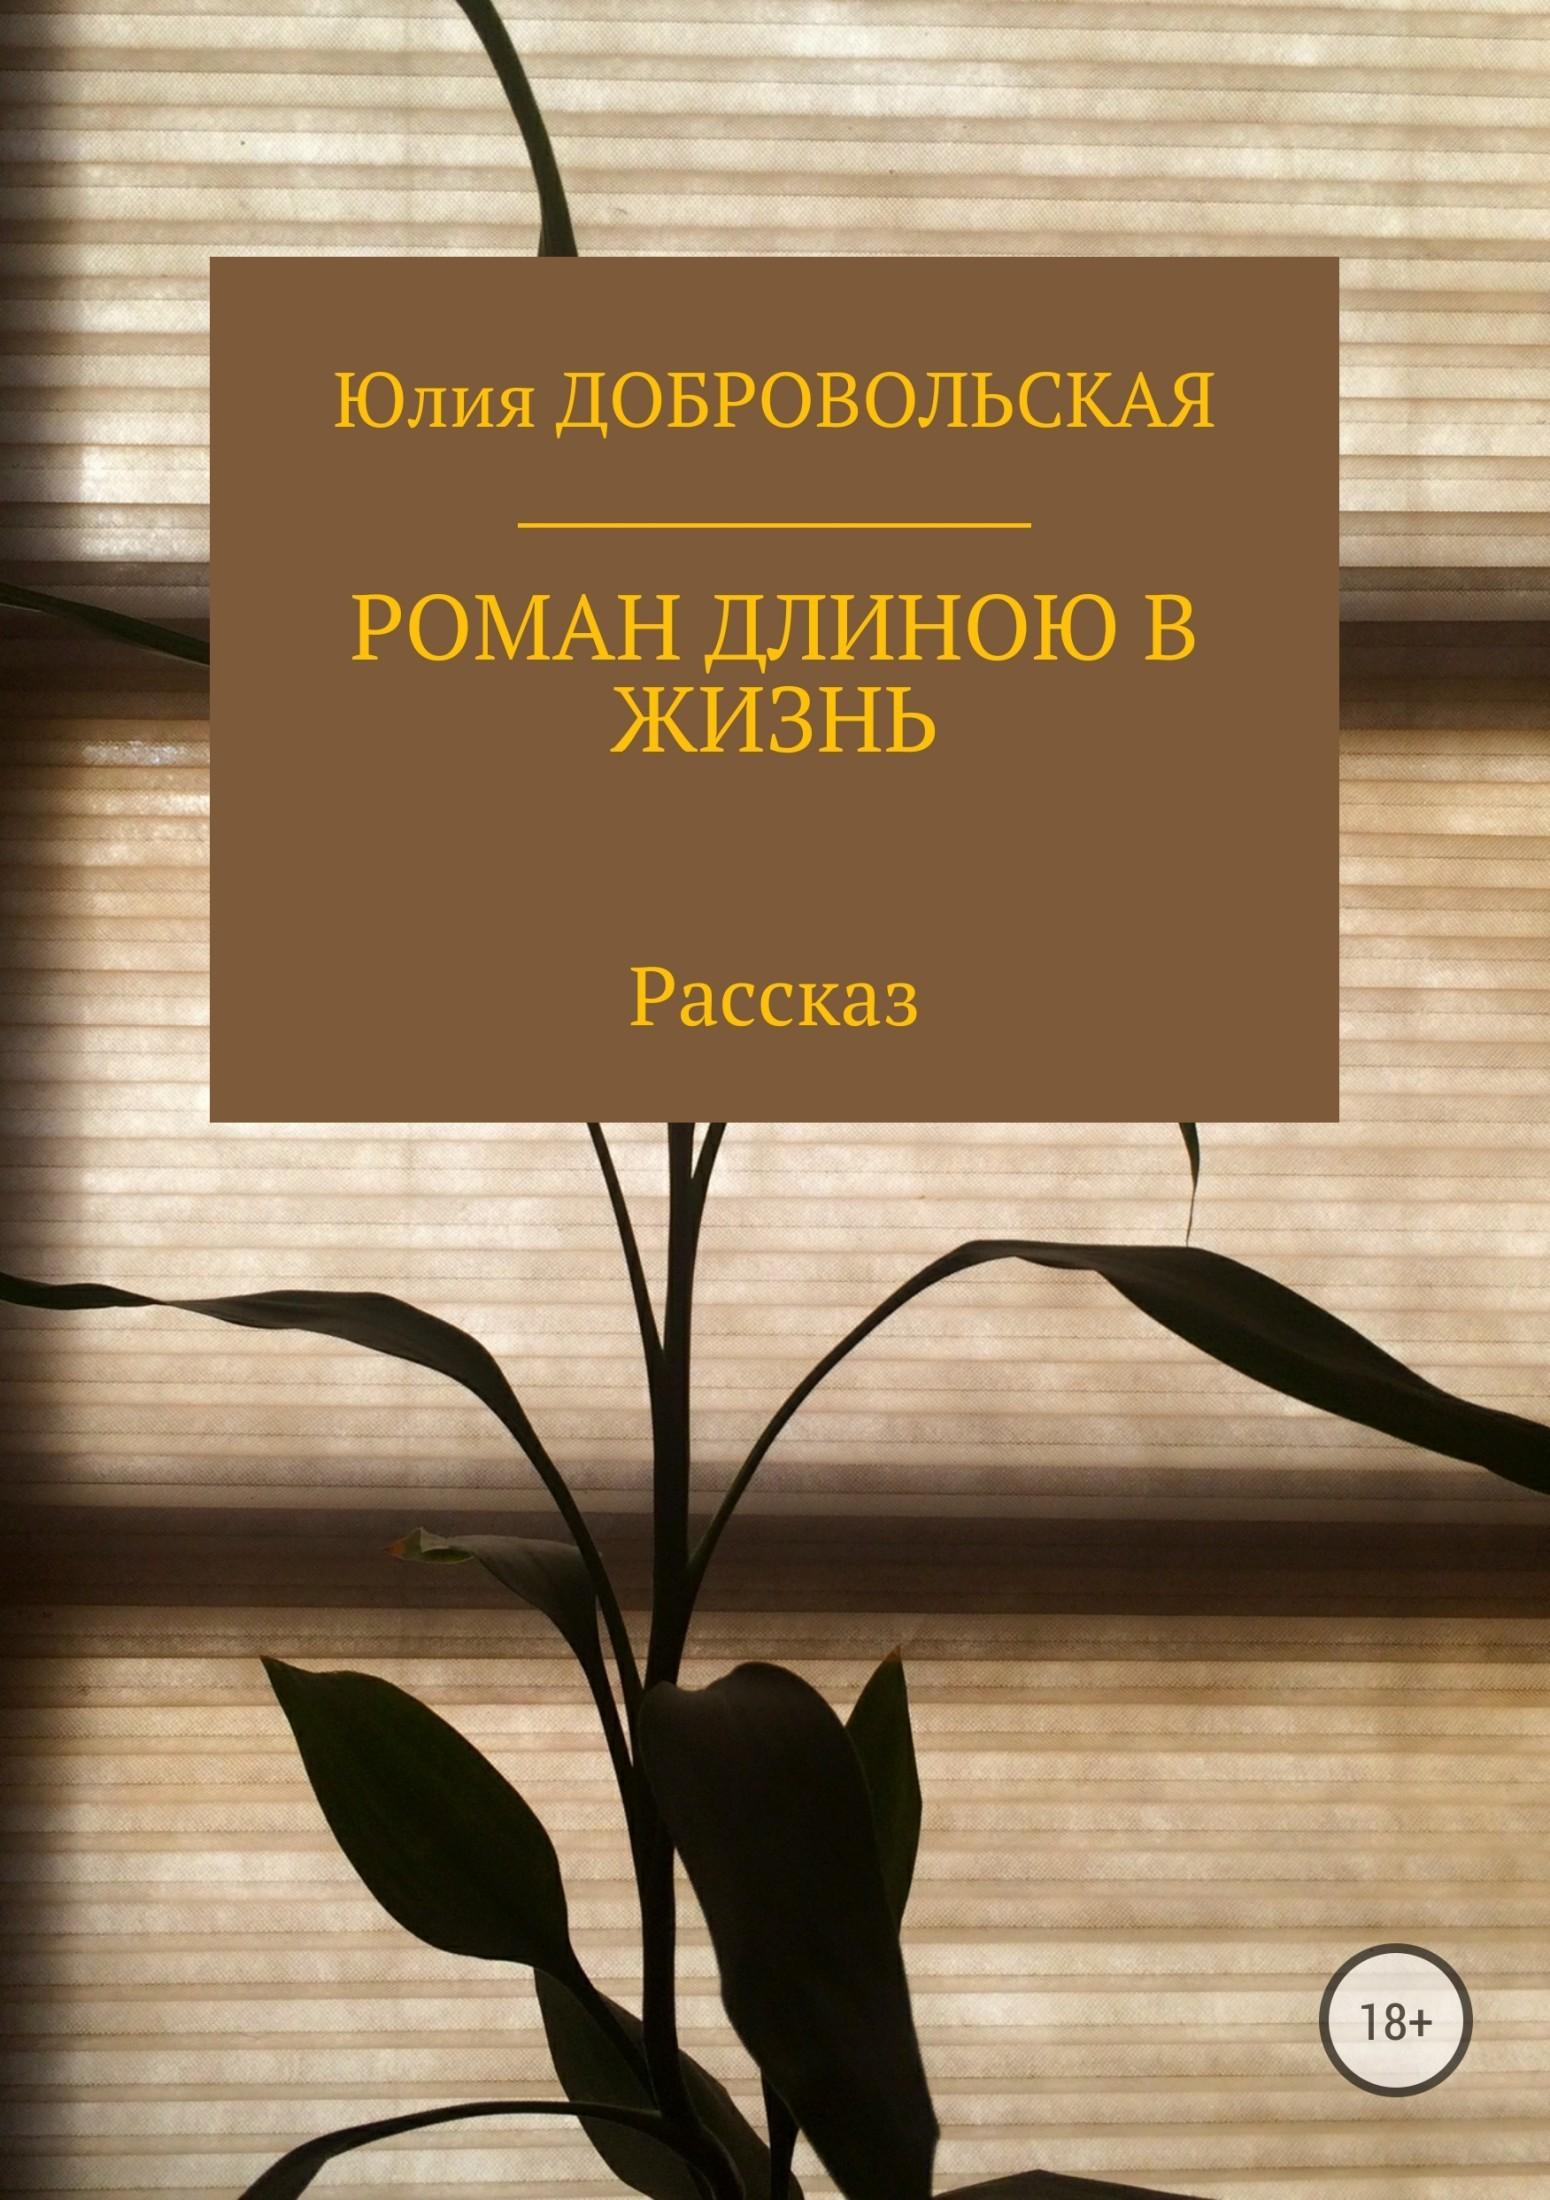 Юлия Добровольская - Роман длиною в жизнь